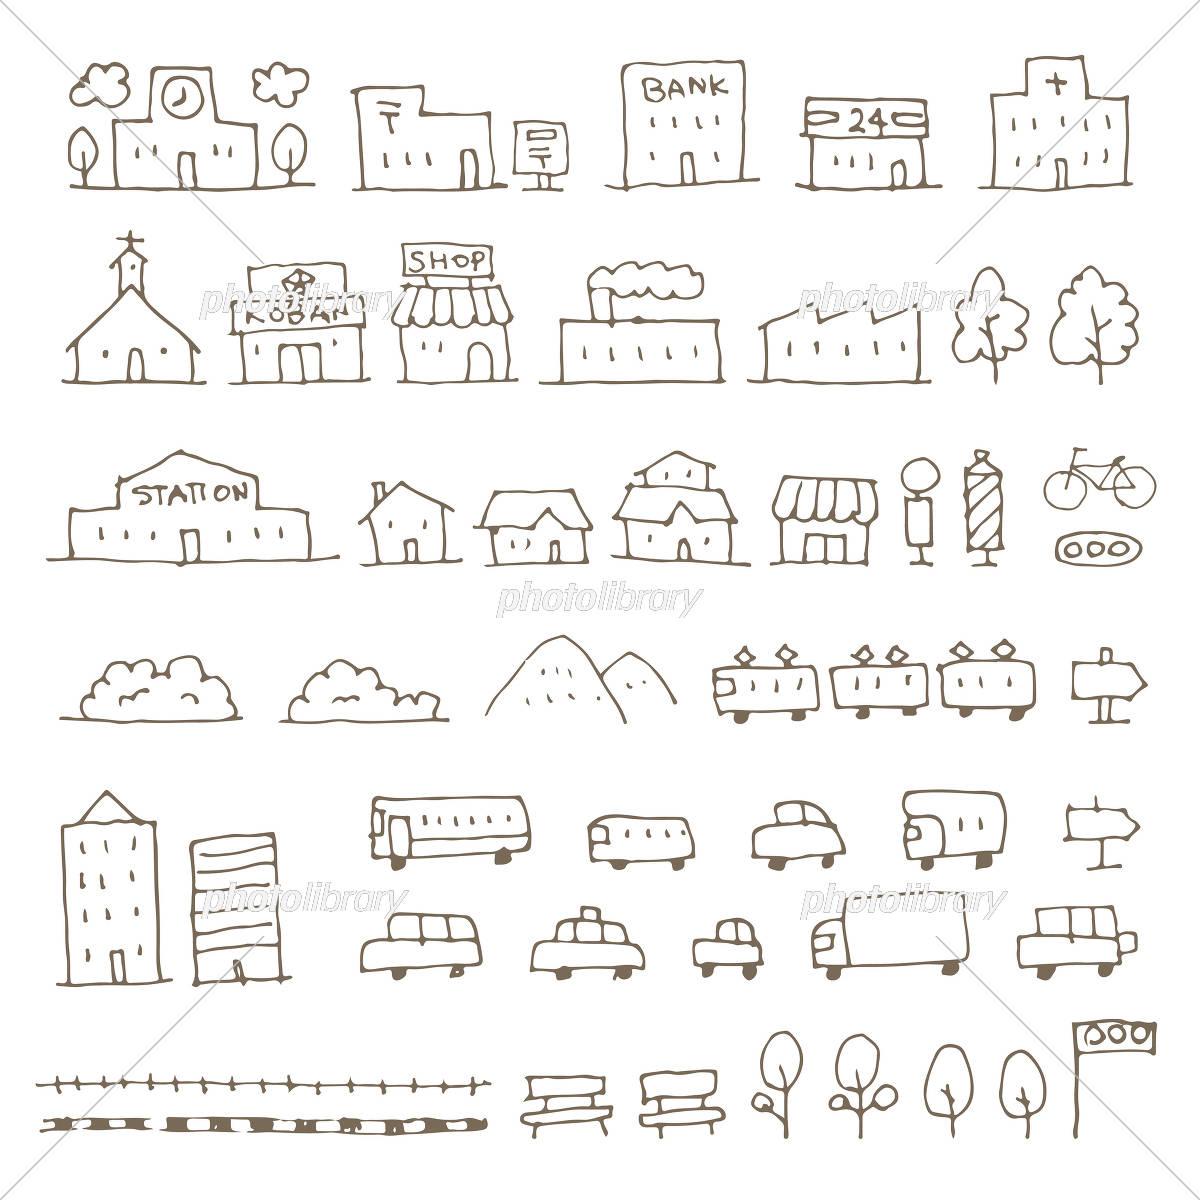 かわいい手描き地図用建物 乗り物アイコンイラスト イラスト素材